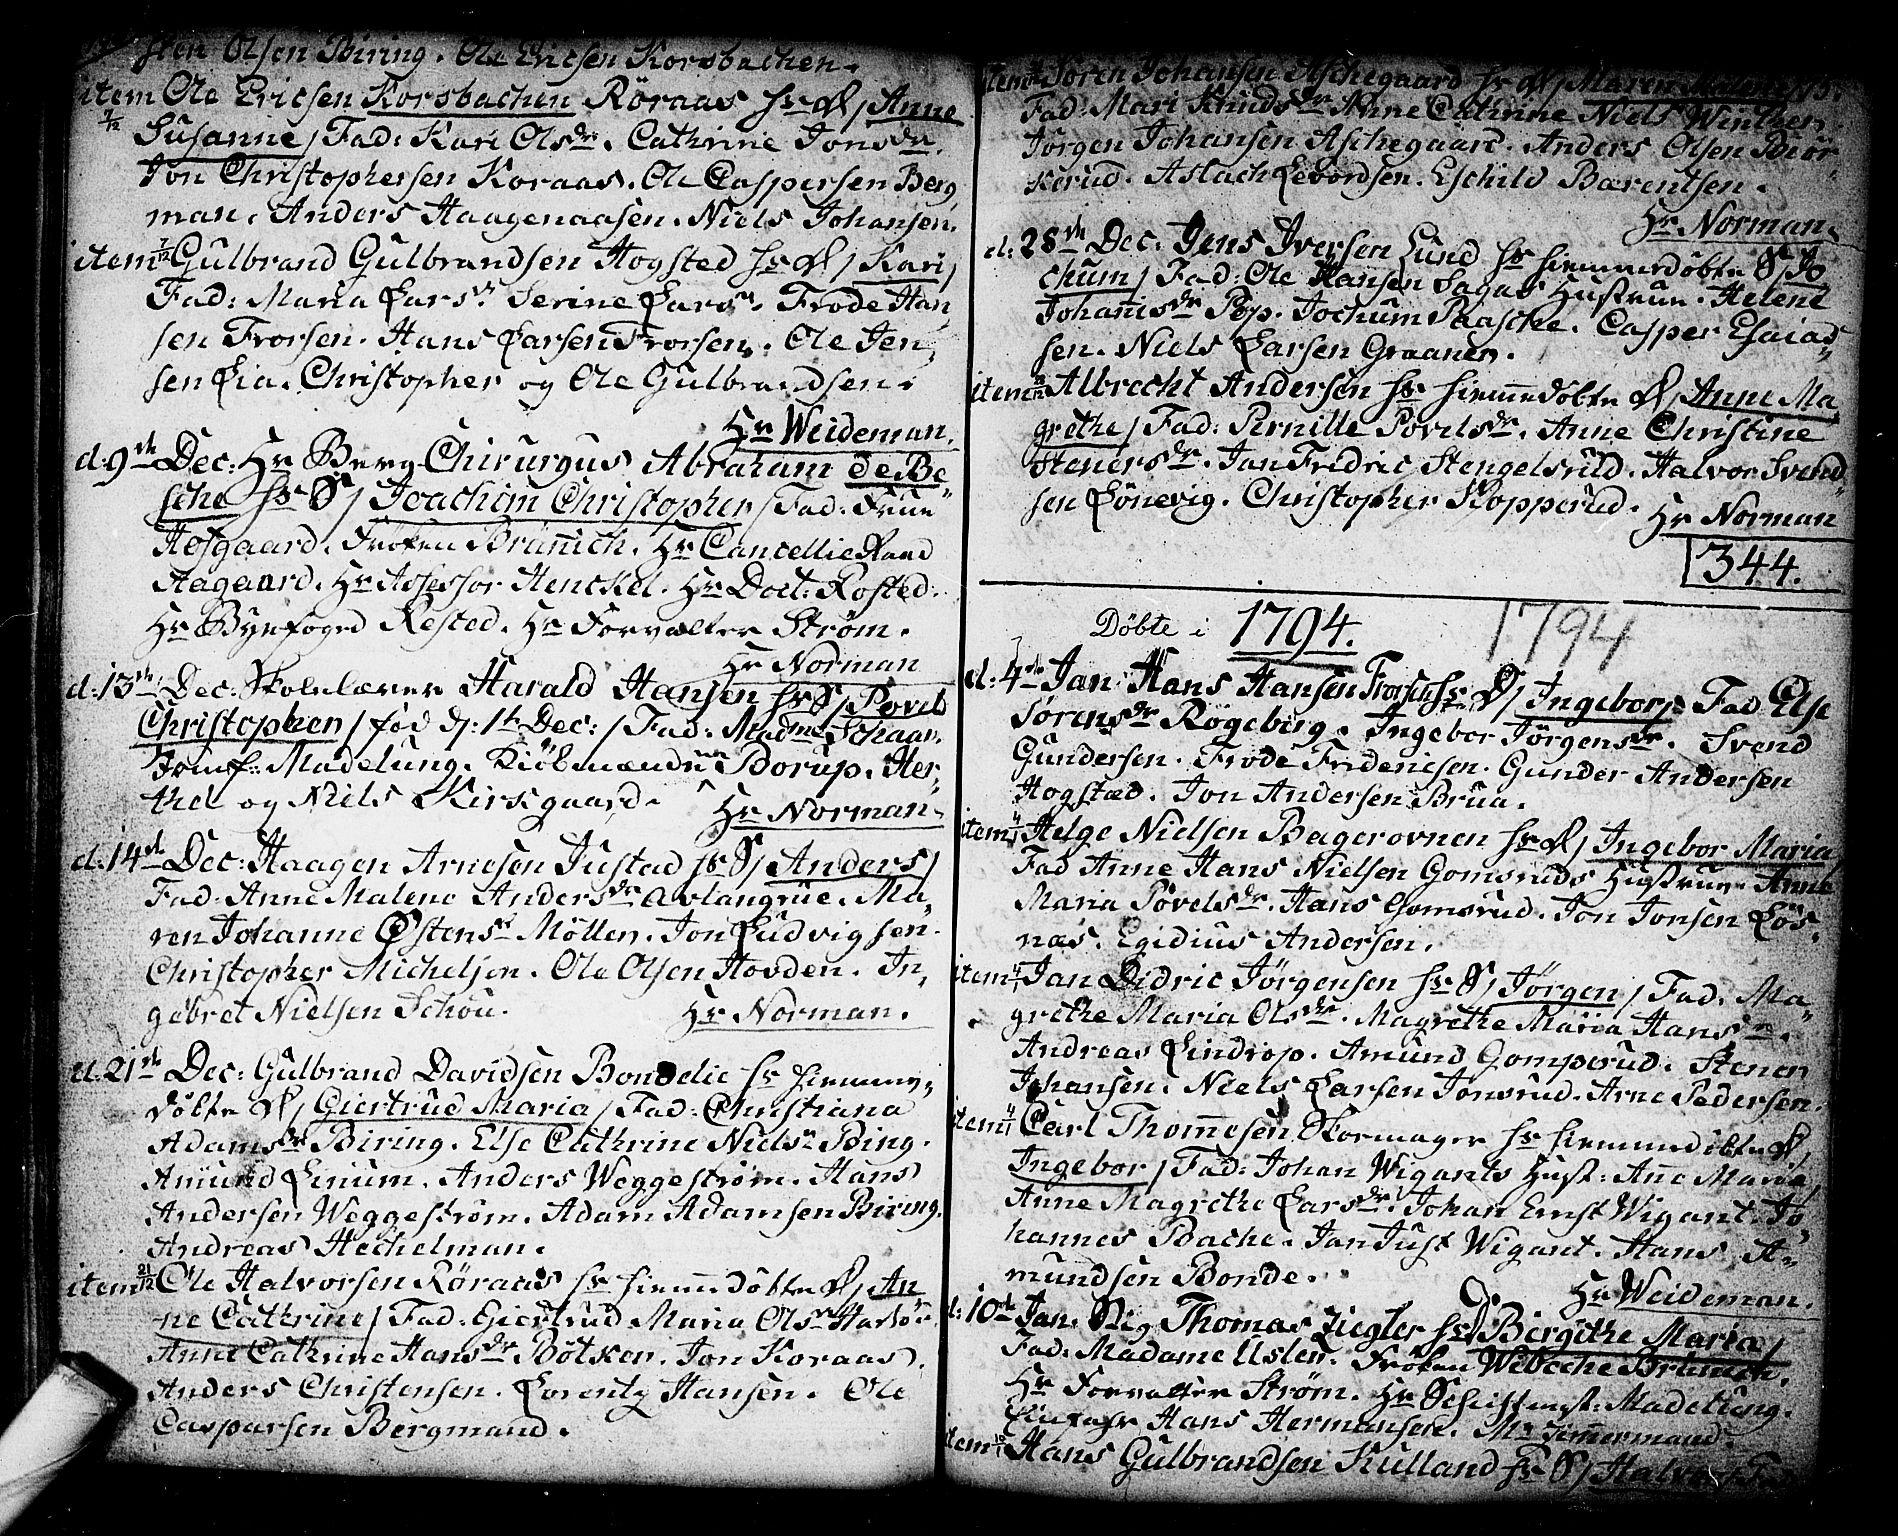 SAKO, Kongsberg kirkebøker, F/Fa/L0006: Ministerialbok nr. I 6, 1783-1797, s. 175